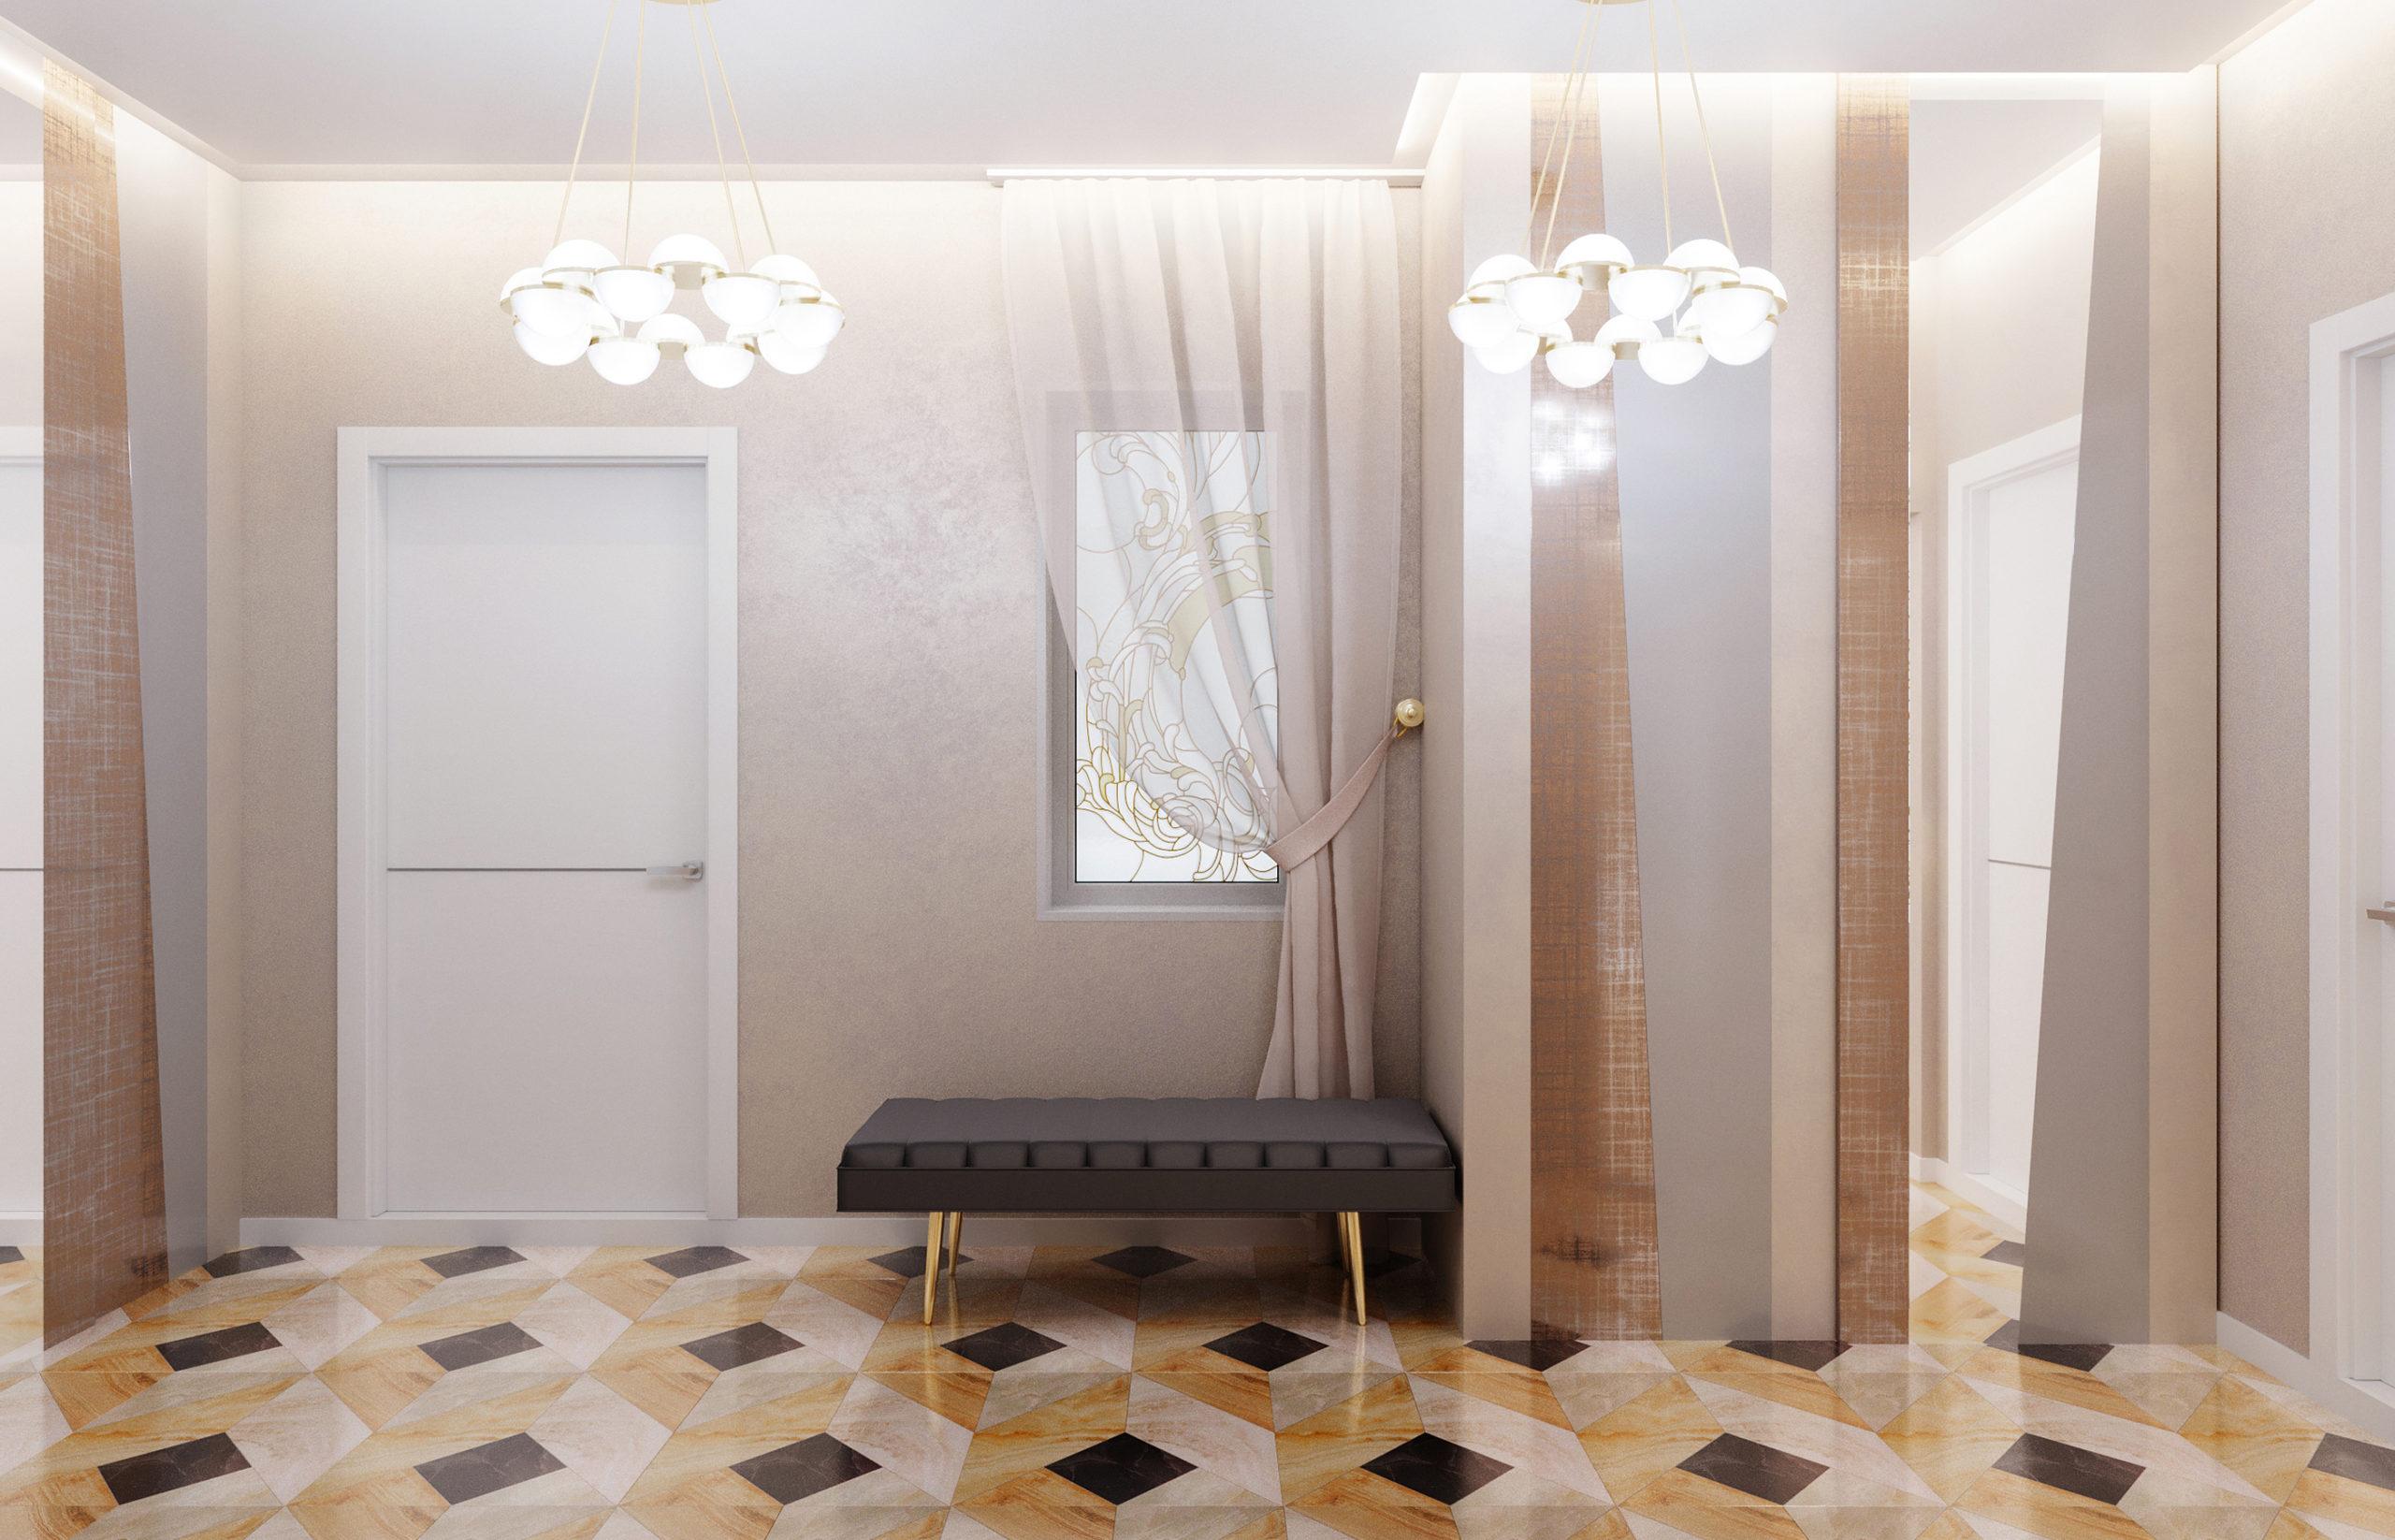 Шкафы в прихожей с фасадами в виде декоративных панелей из фактурного стекла